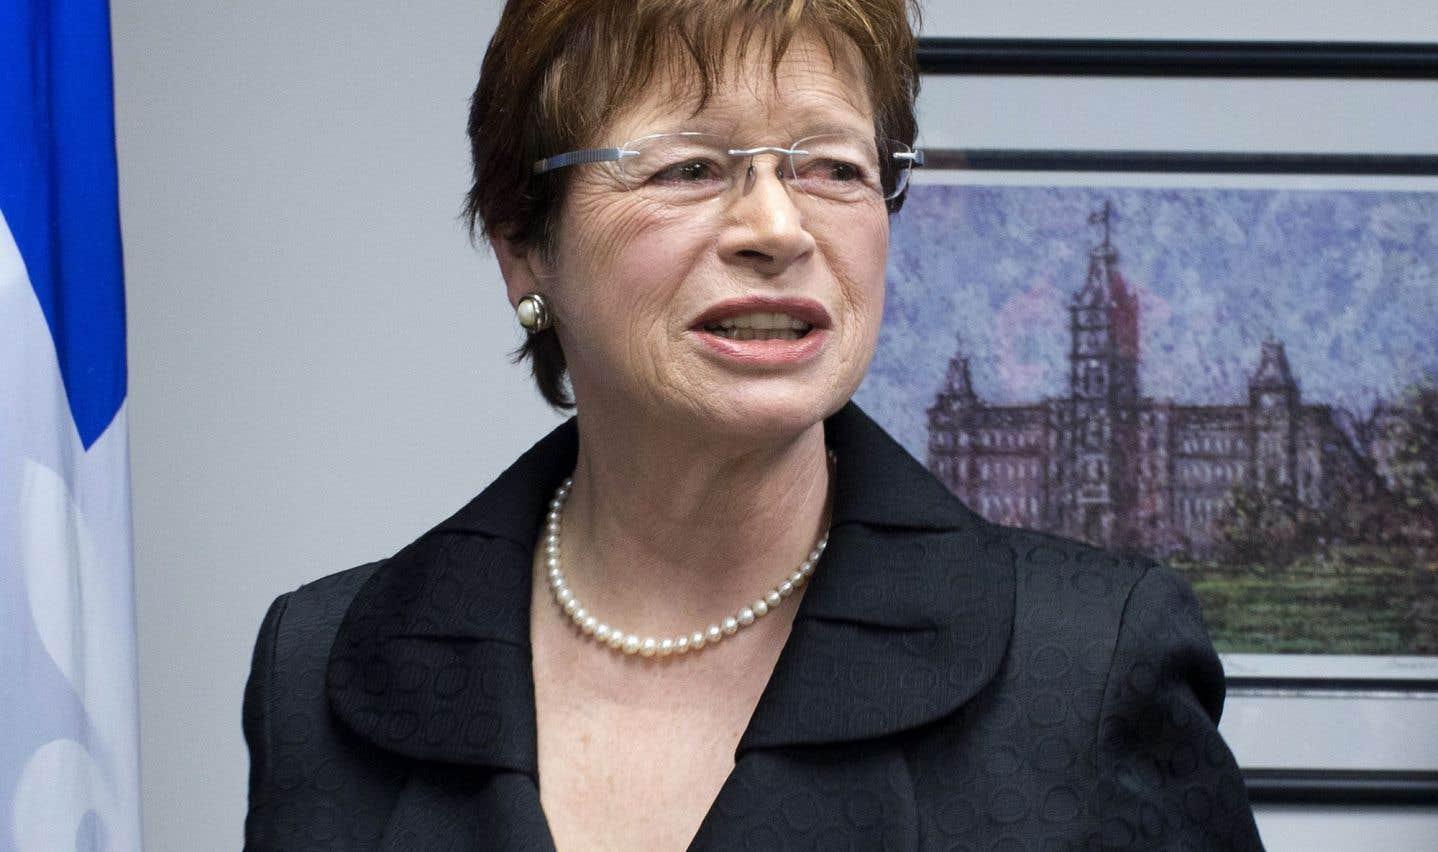 Des ex-élues réclament une loi sur la parité hommes-femmes